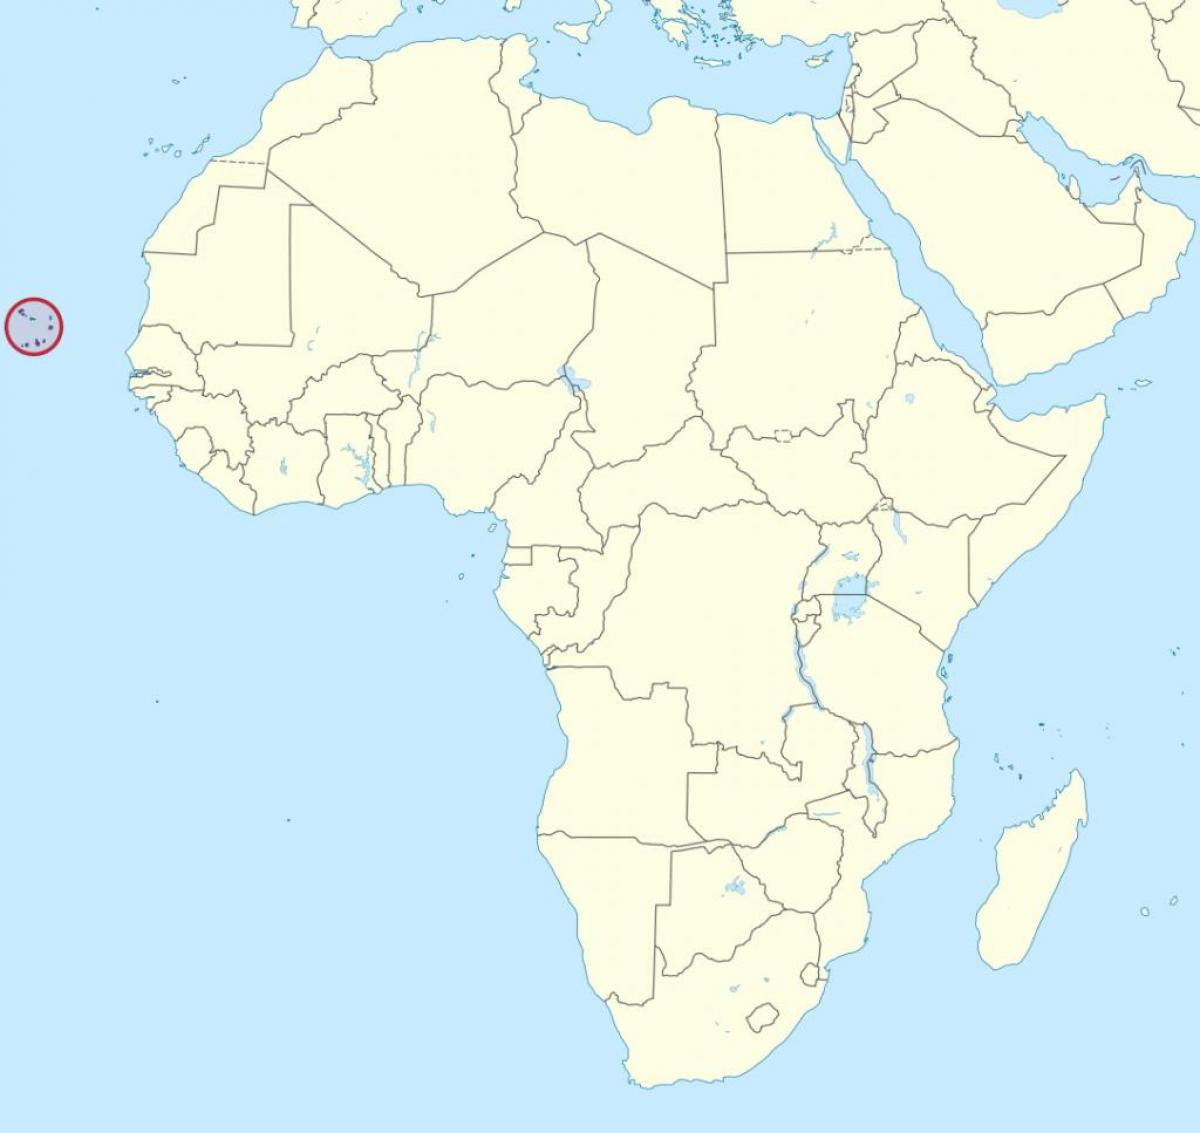 Karte Afrika.Kap Verde Karte Afrika Cabo Verde Afrika Karte West Afrika